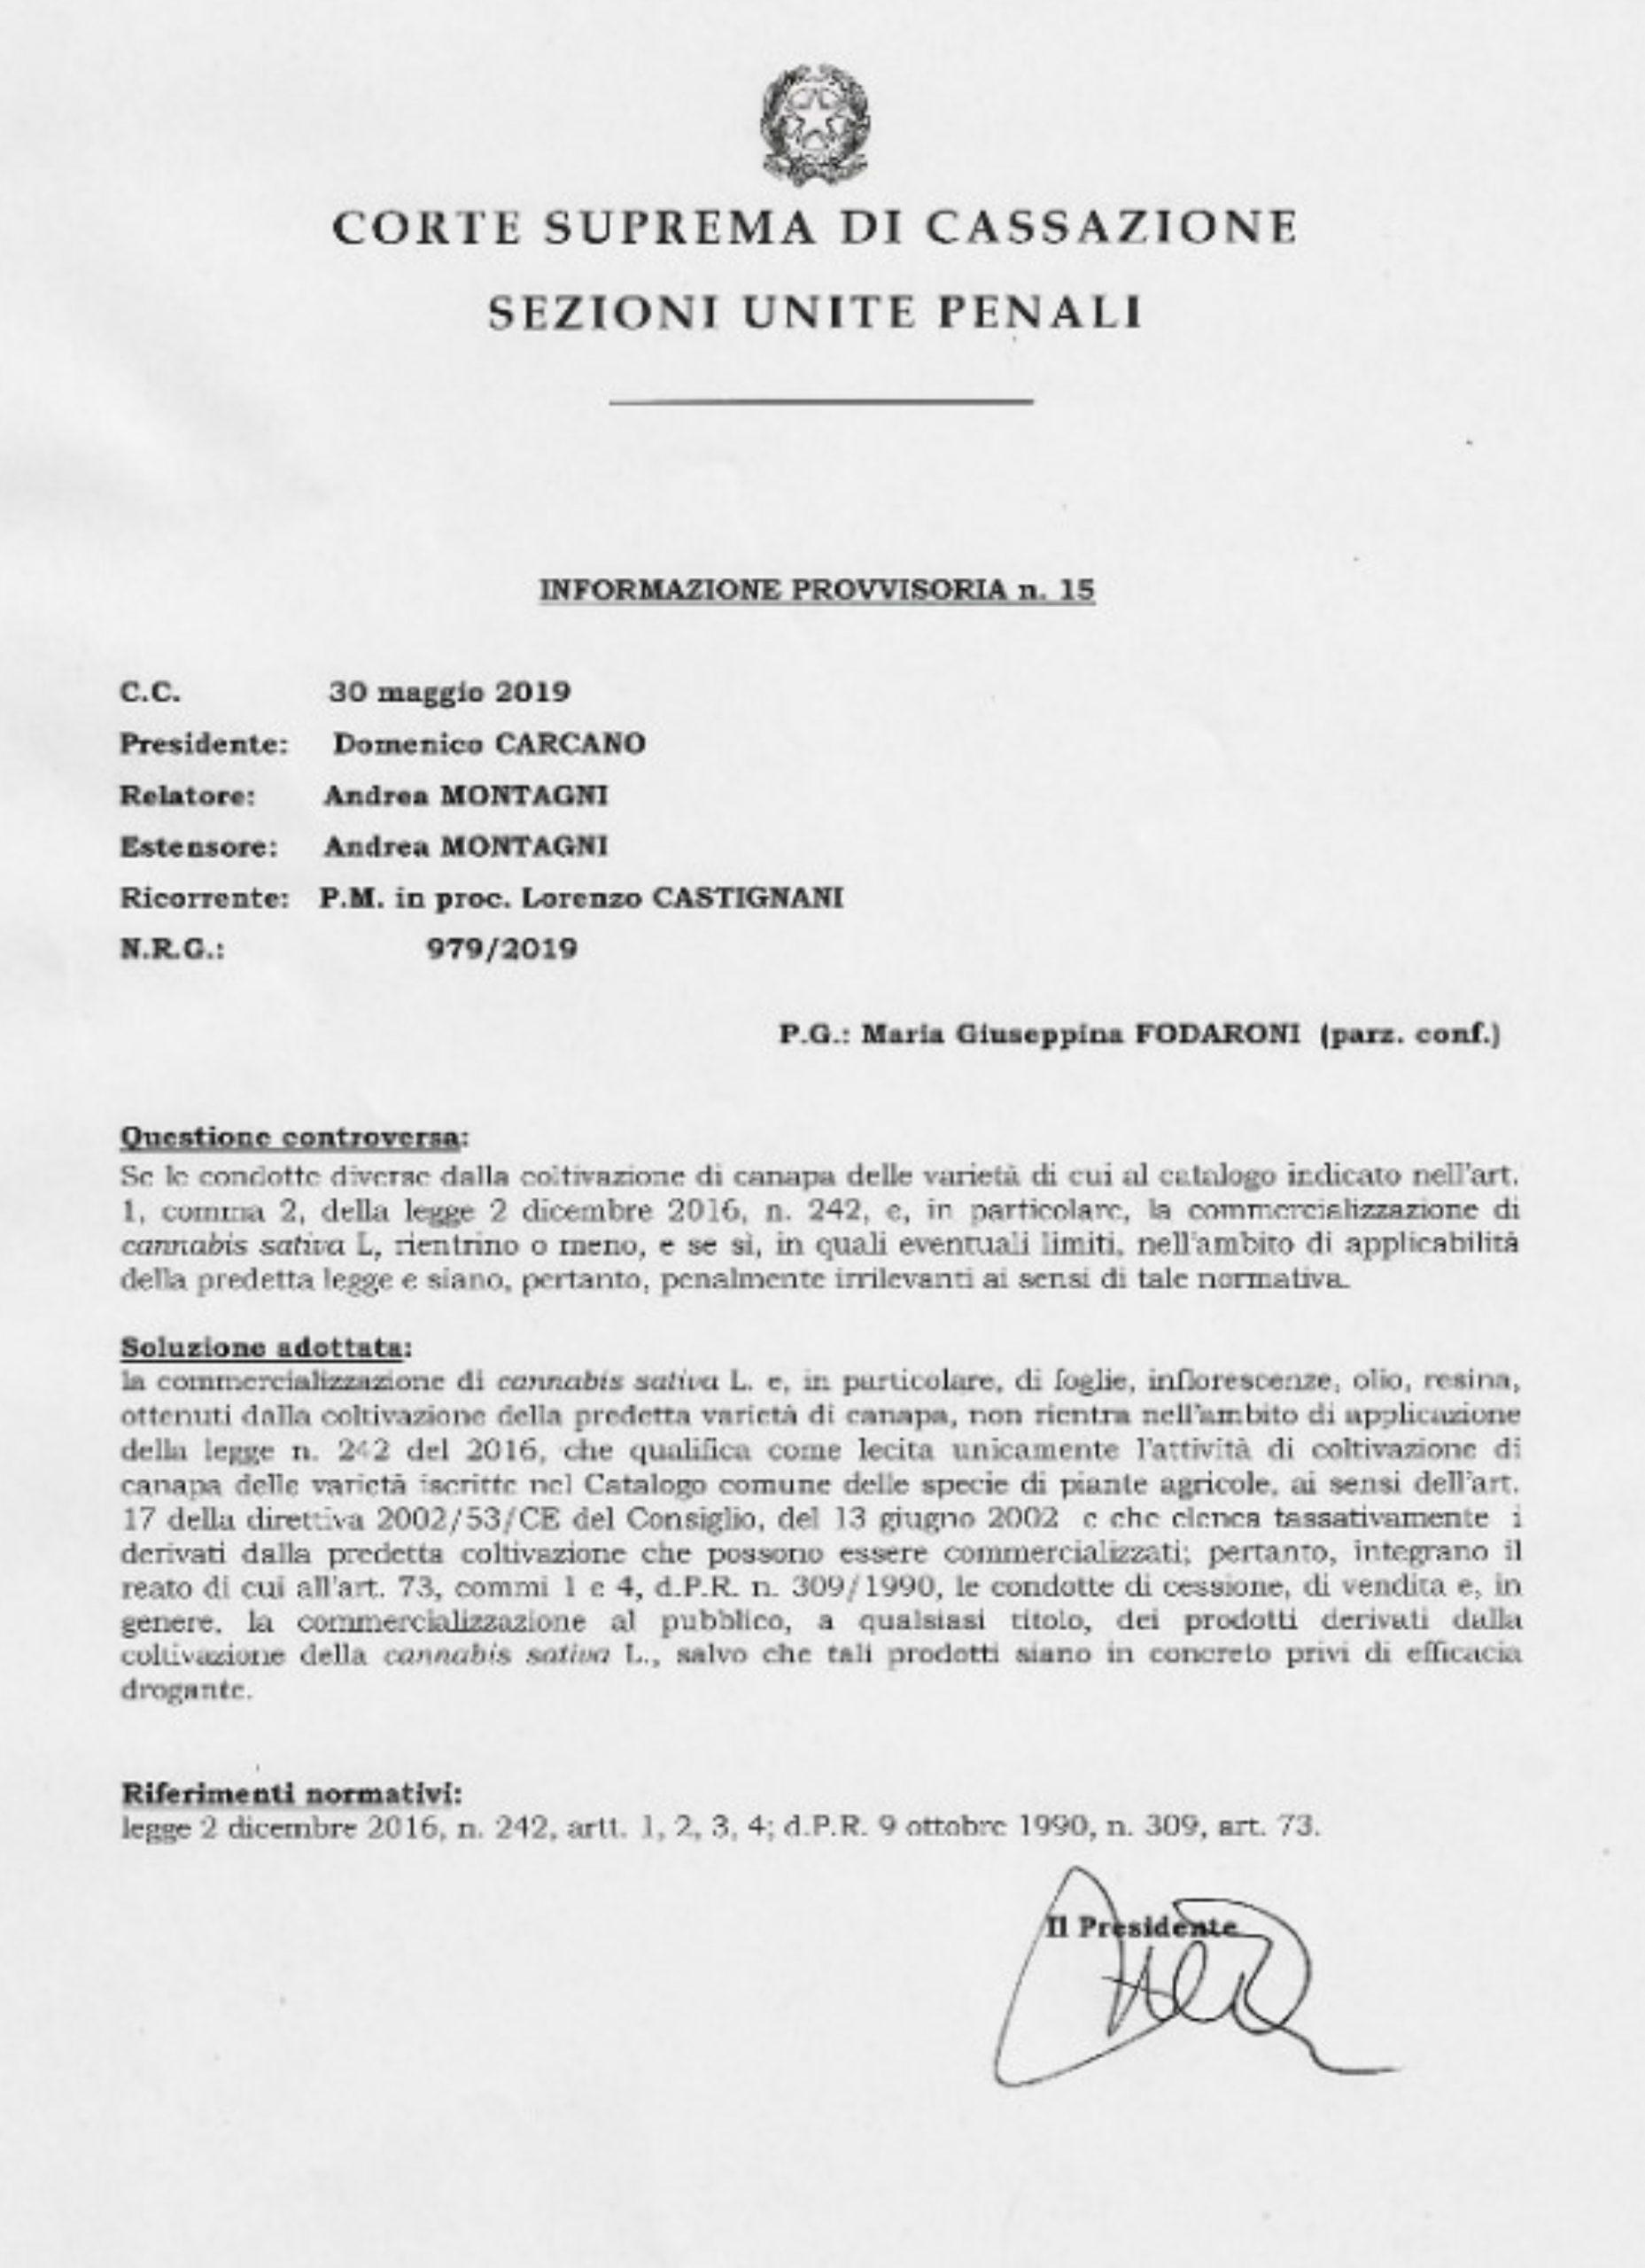 sentenza cassazione scaled - Sentenza Corte Suprema di Cassazione - 30 Maggio informazioni, cannabis-light